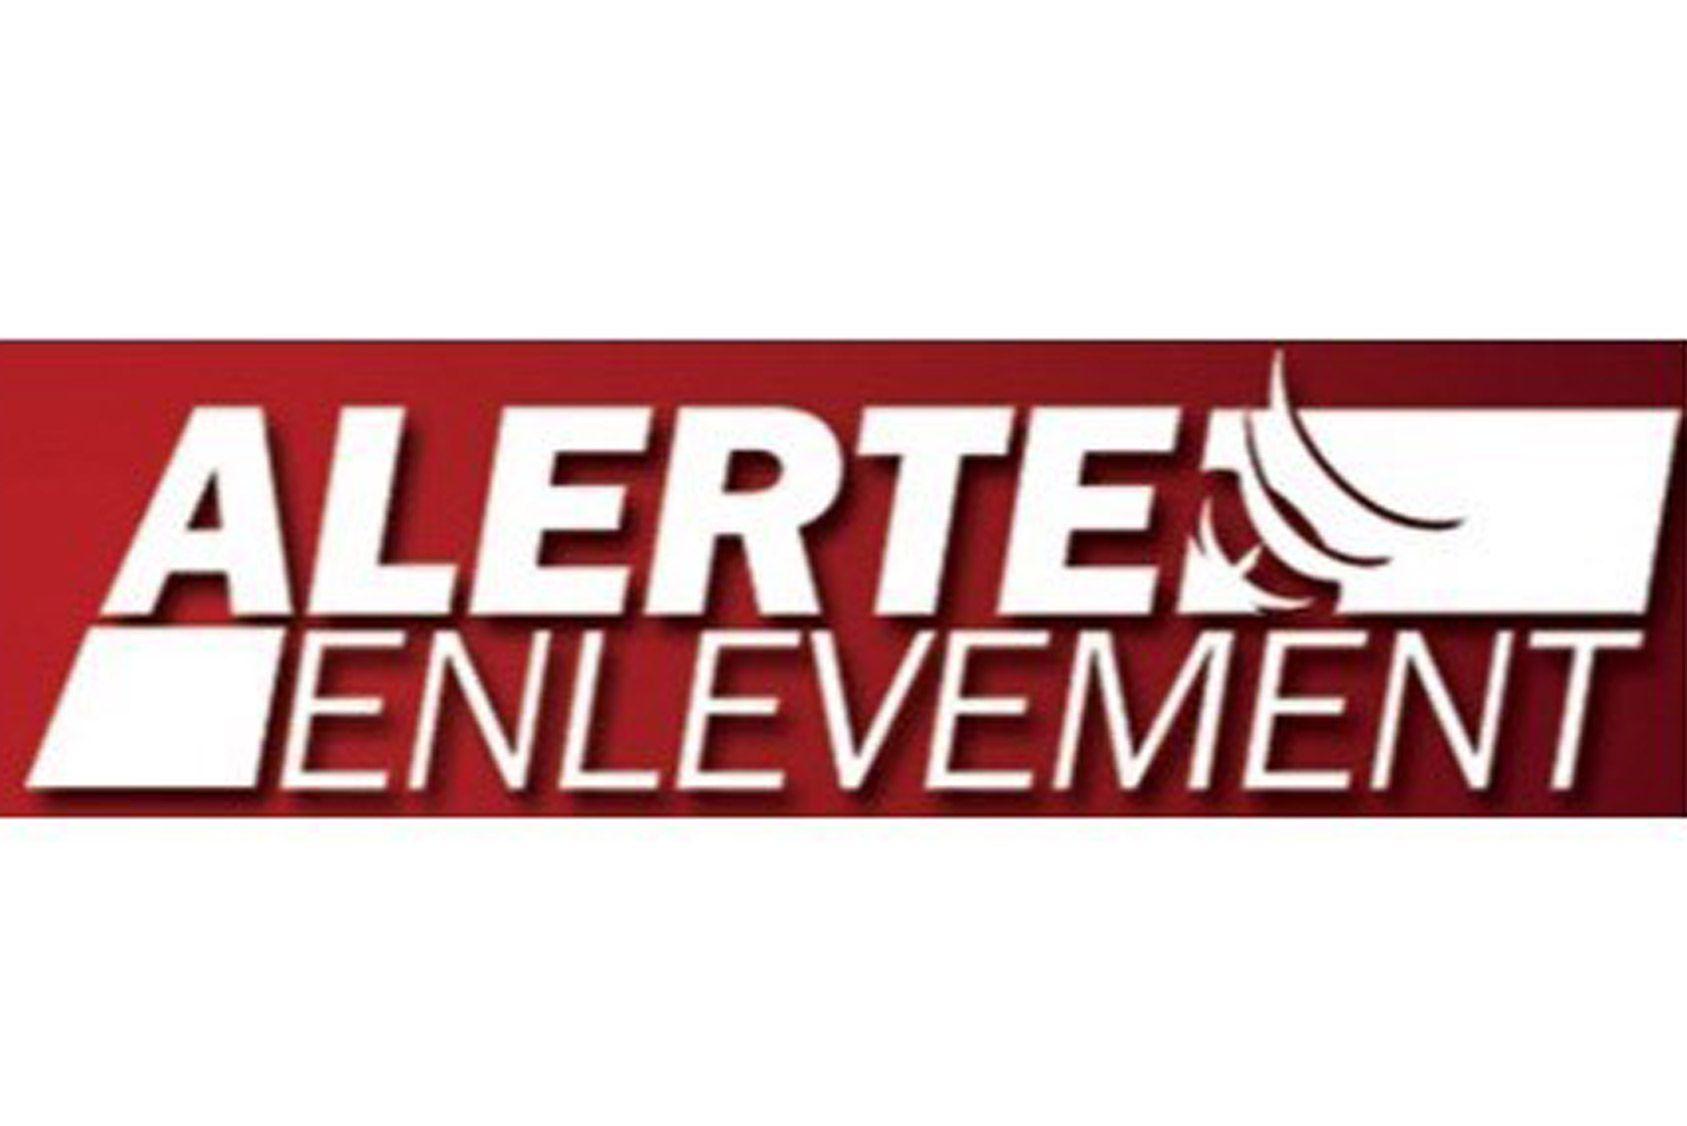 Alerte enlèvement: vers l'envoi de SMS  à tous les Français?